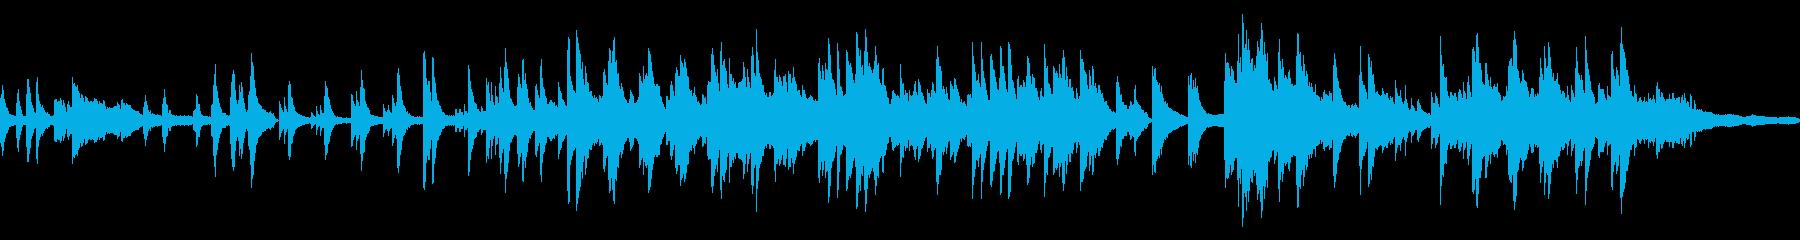 静かで優しいソロピアノのジャズバラードの再生済みの波形